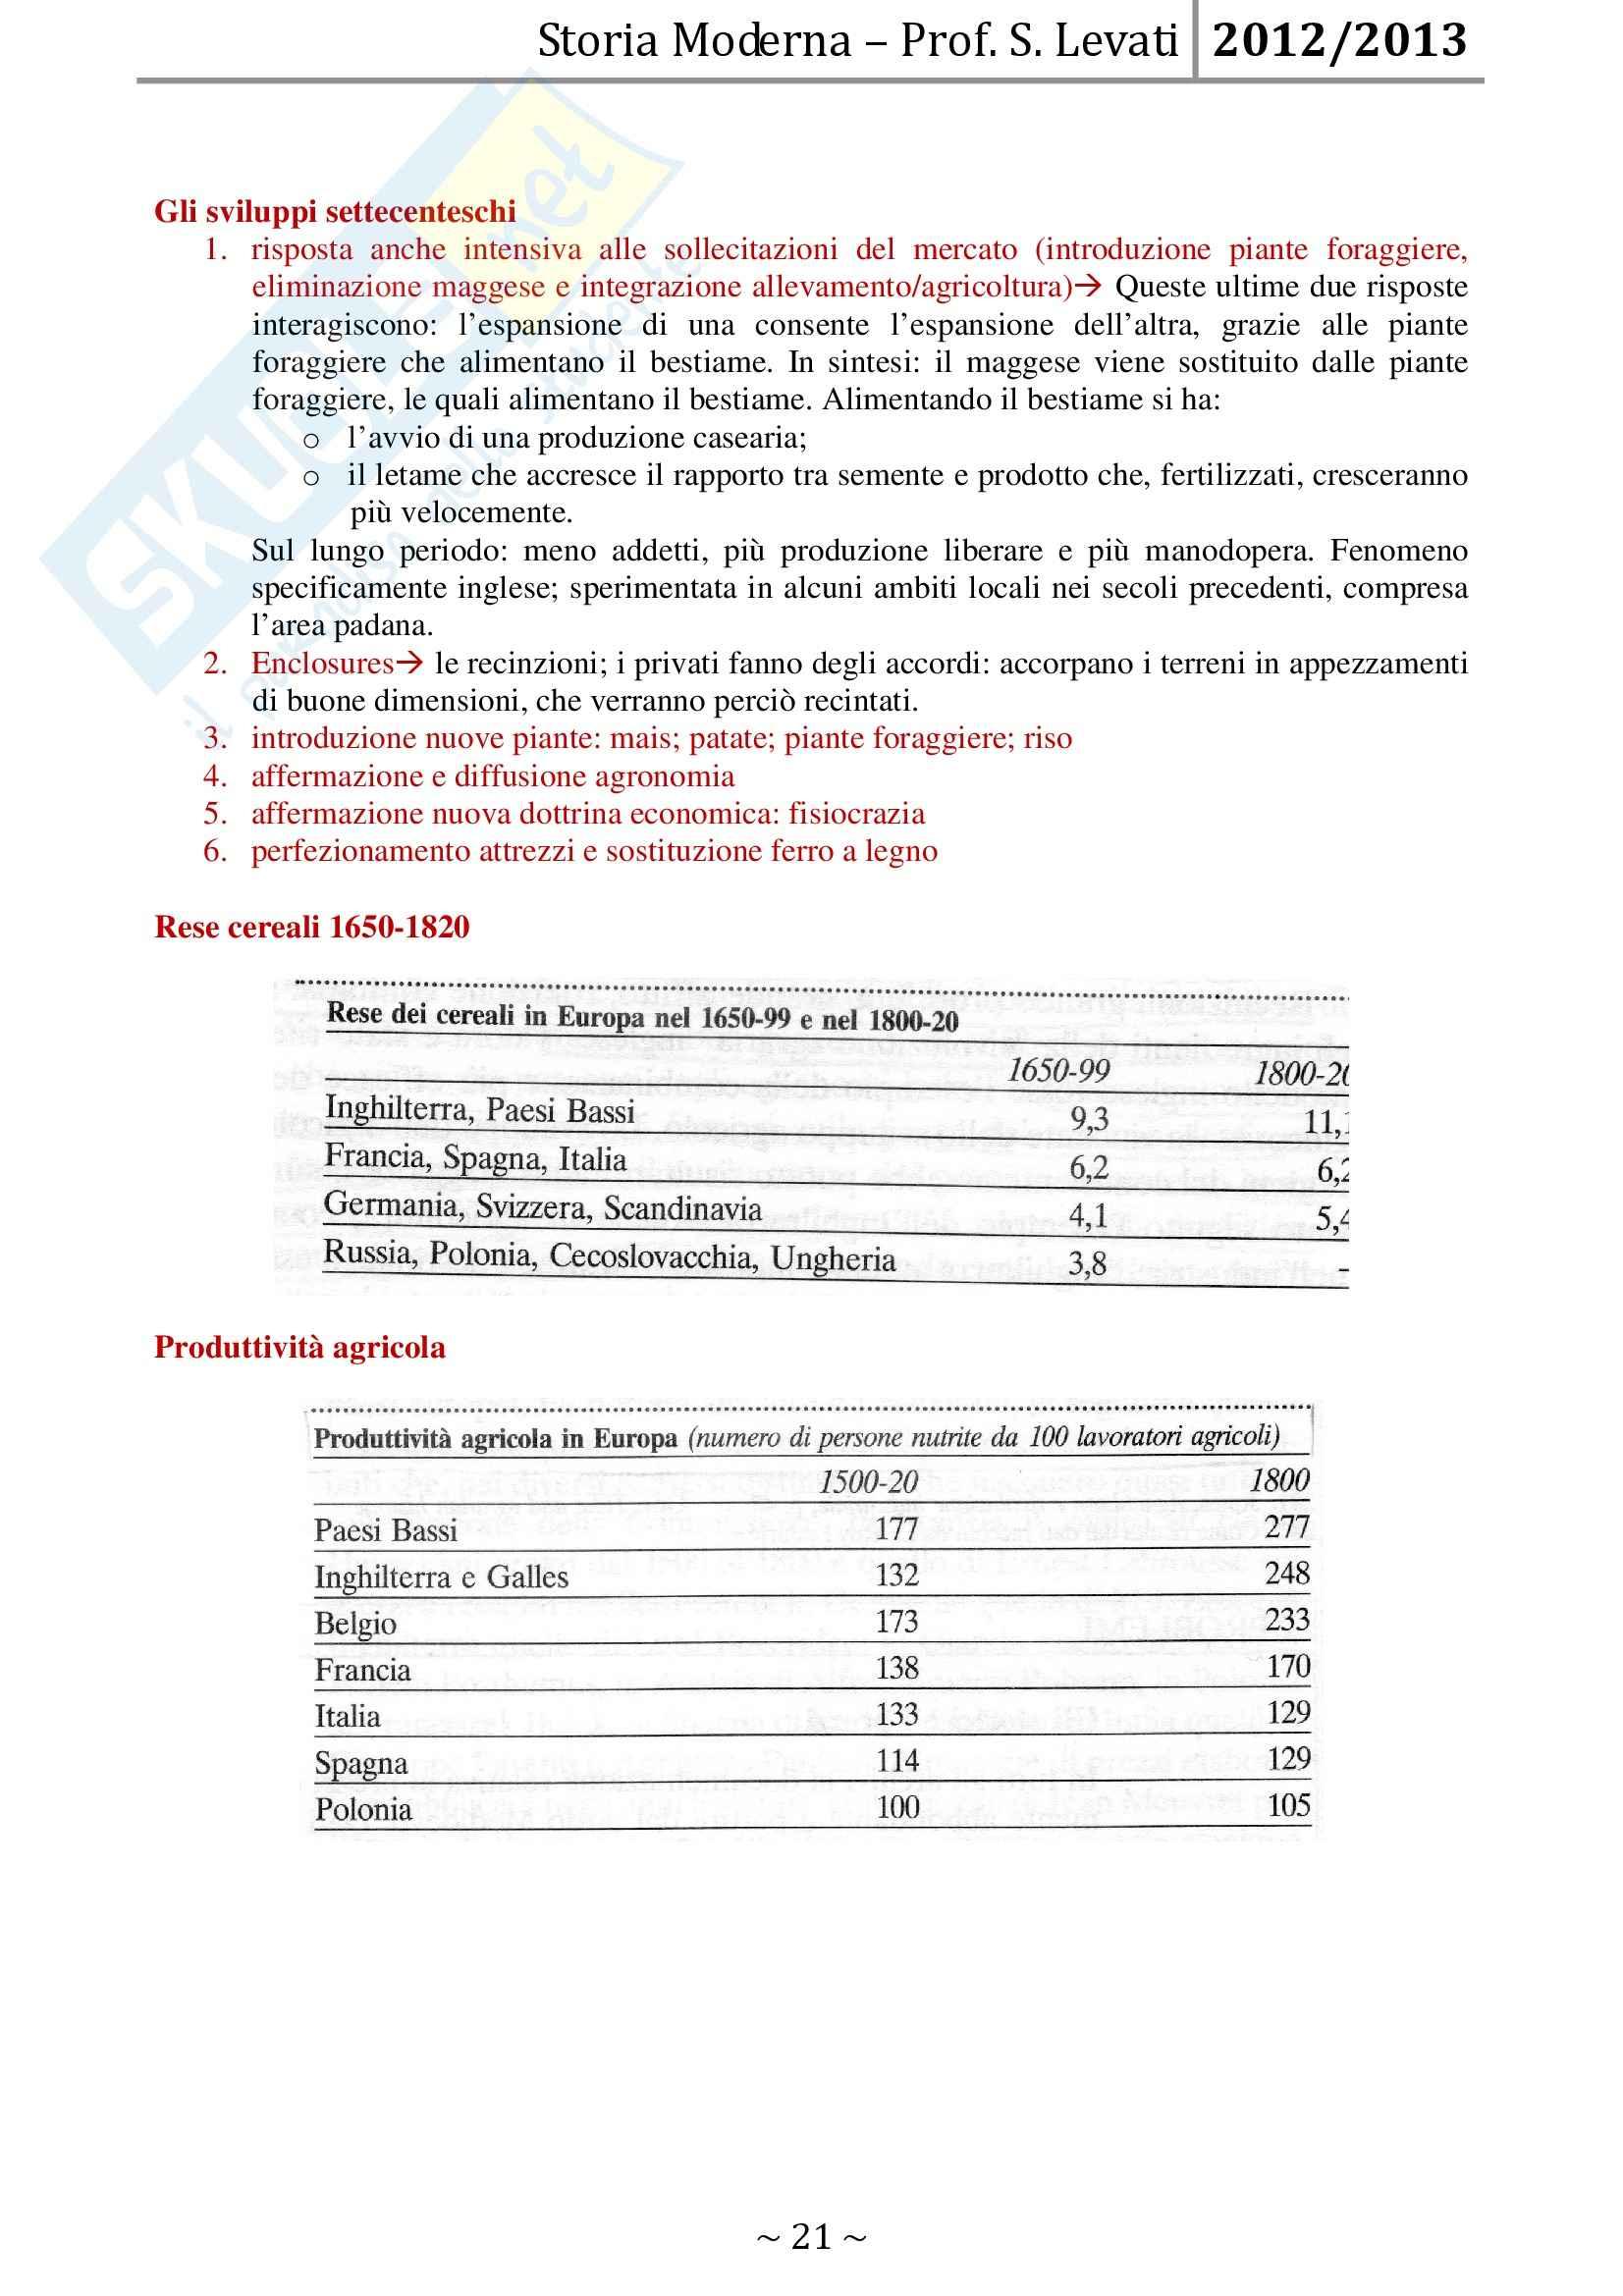 Storia moderna - Appunti Pag. 21